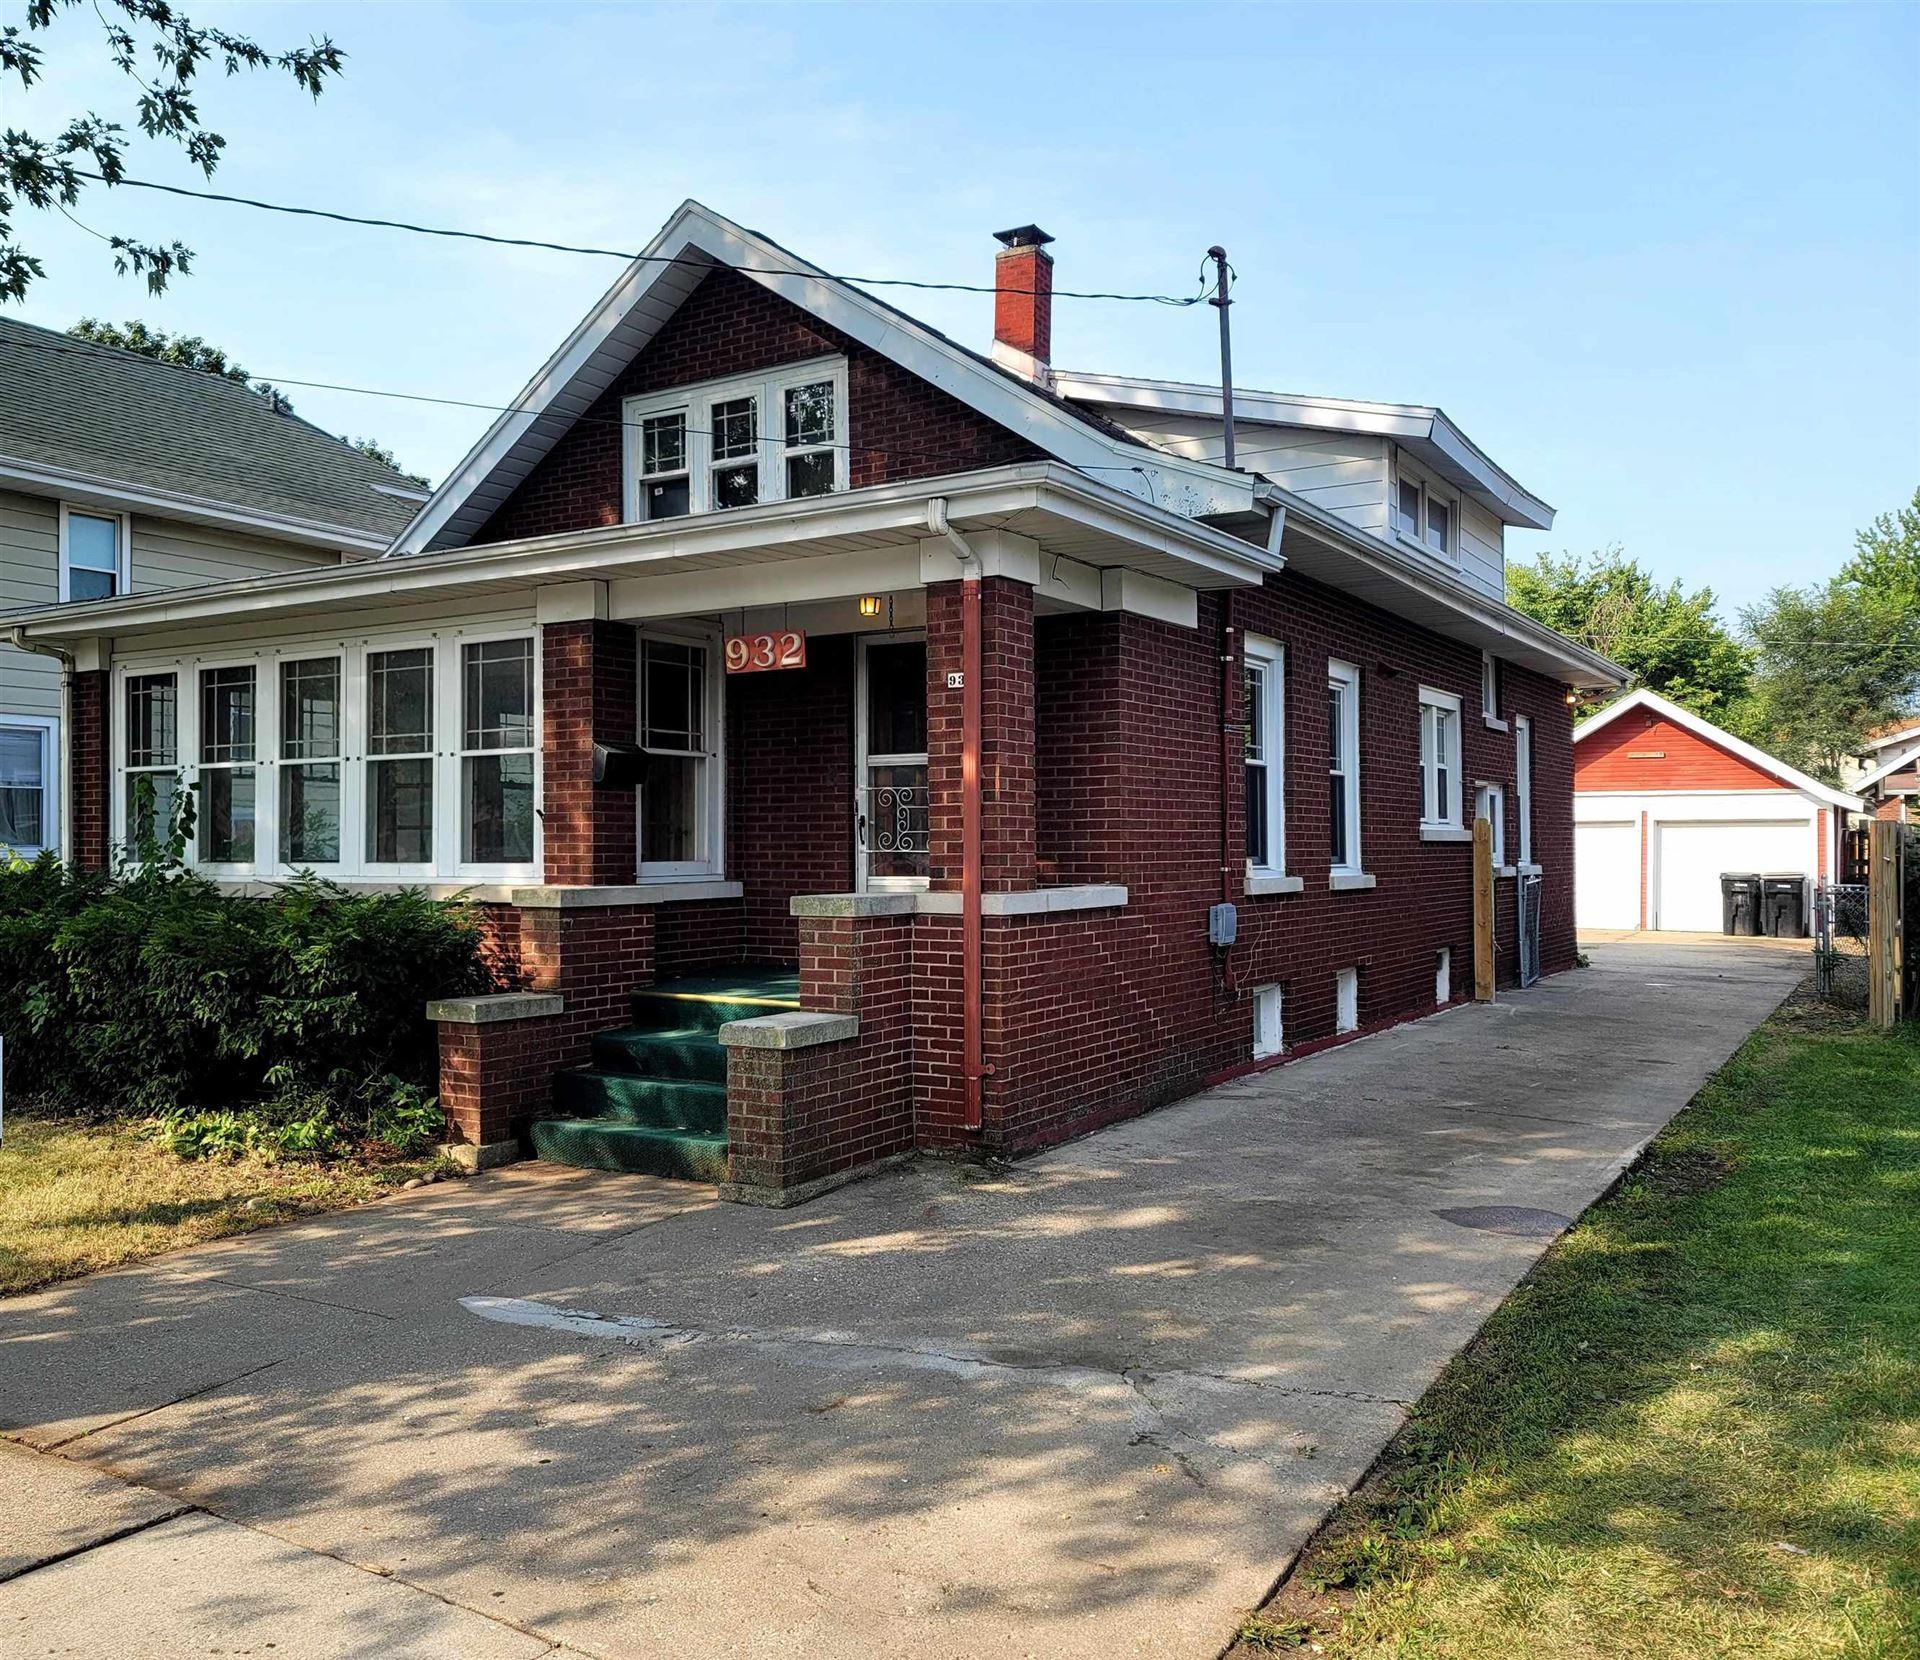 932 Hackett St, Beloit, WI 53511 - #: 1918607